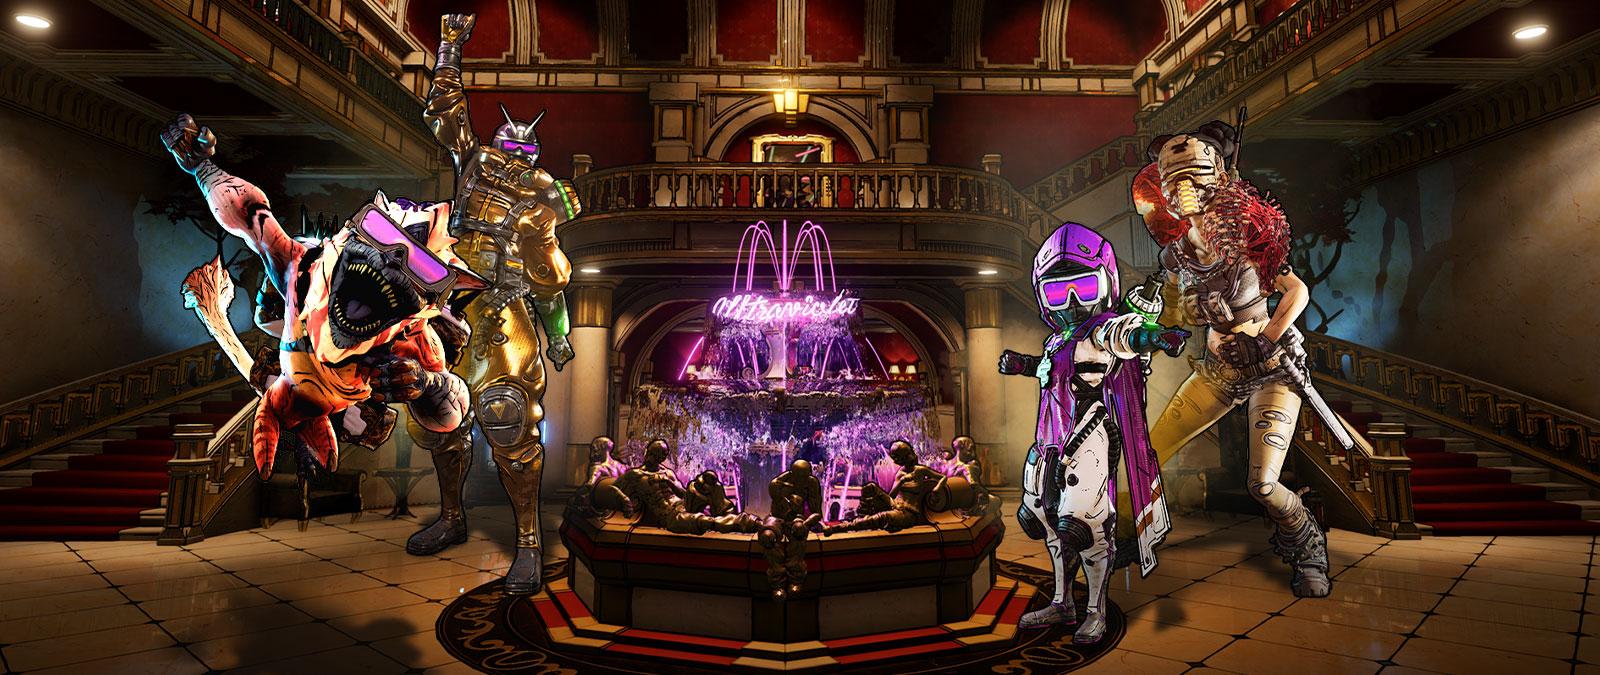 Différents personnages de Borderlands 3 devant une fontaine de néon où l'on peut lire Ultraviolet.